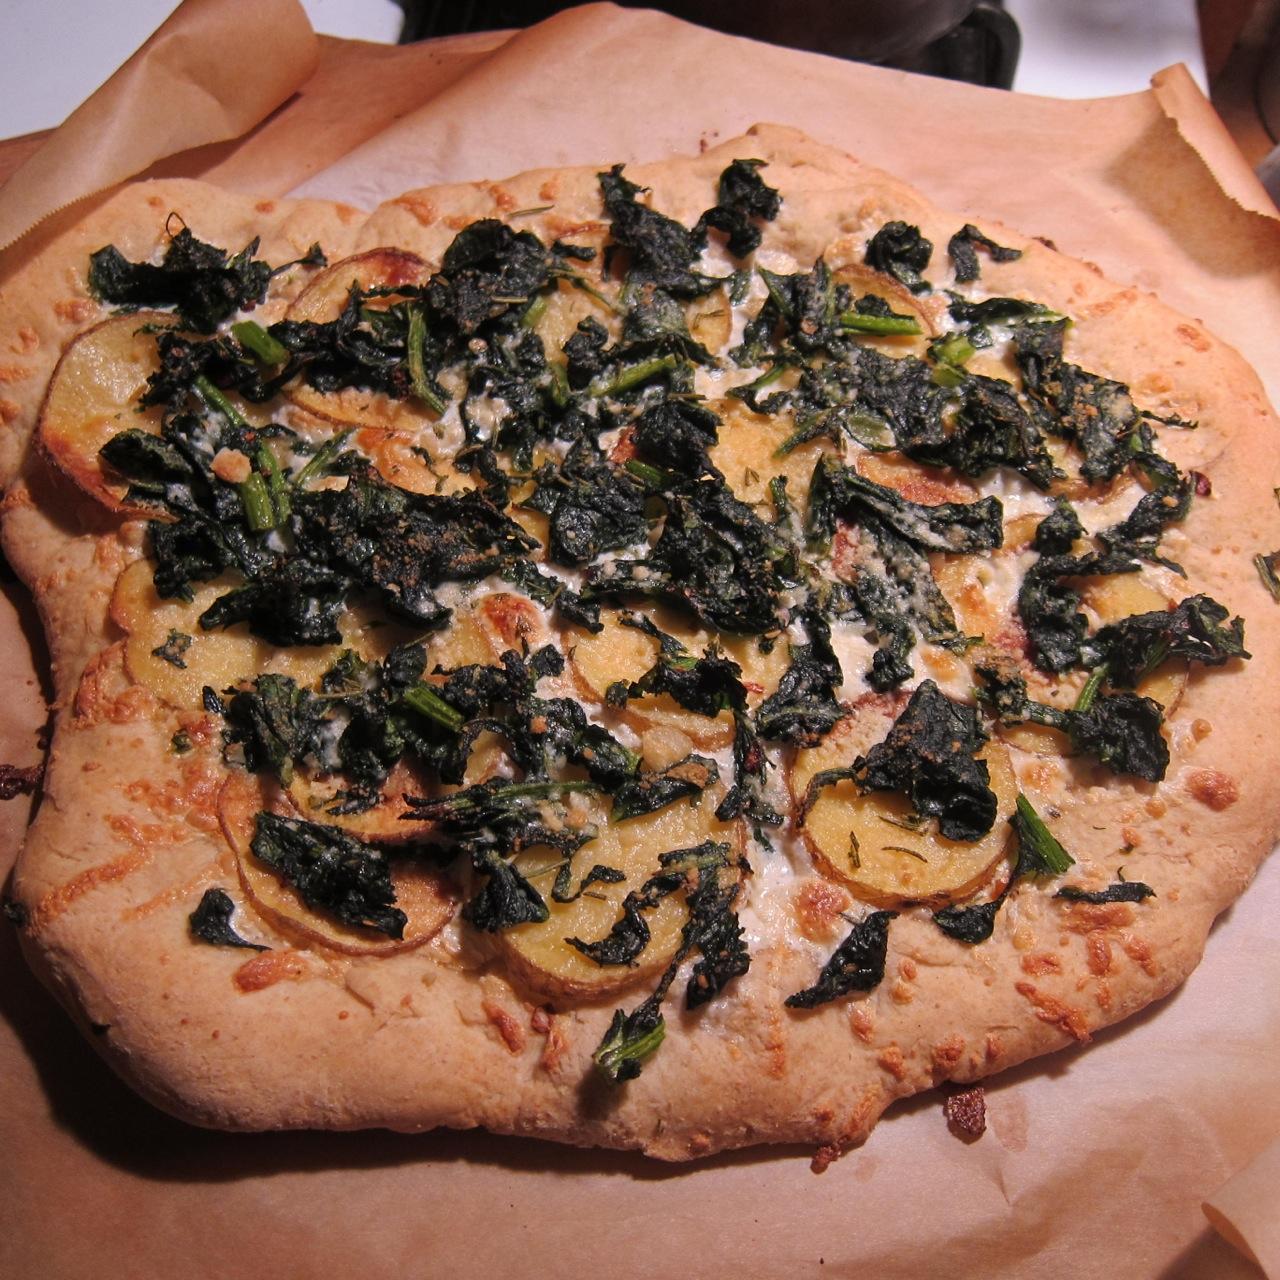 Food Farm And Sustainability Broccoli Rabe Potato And Rosemary